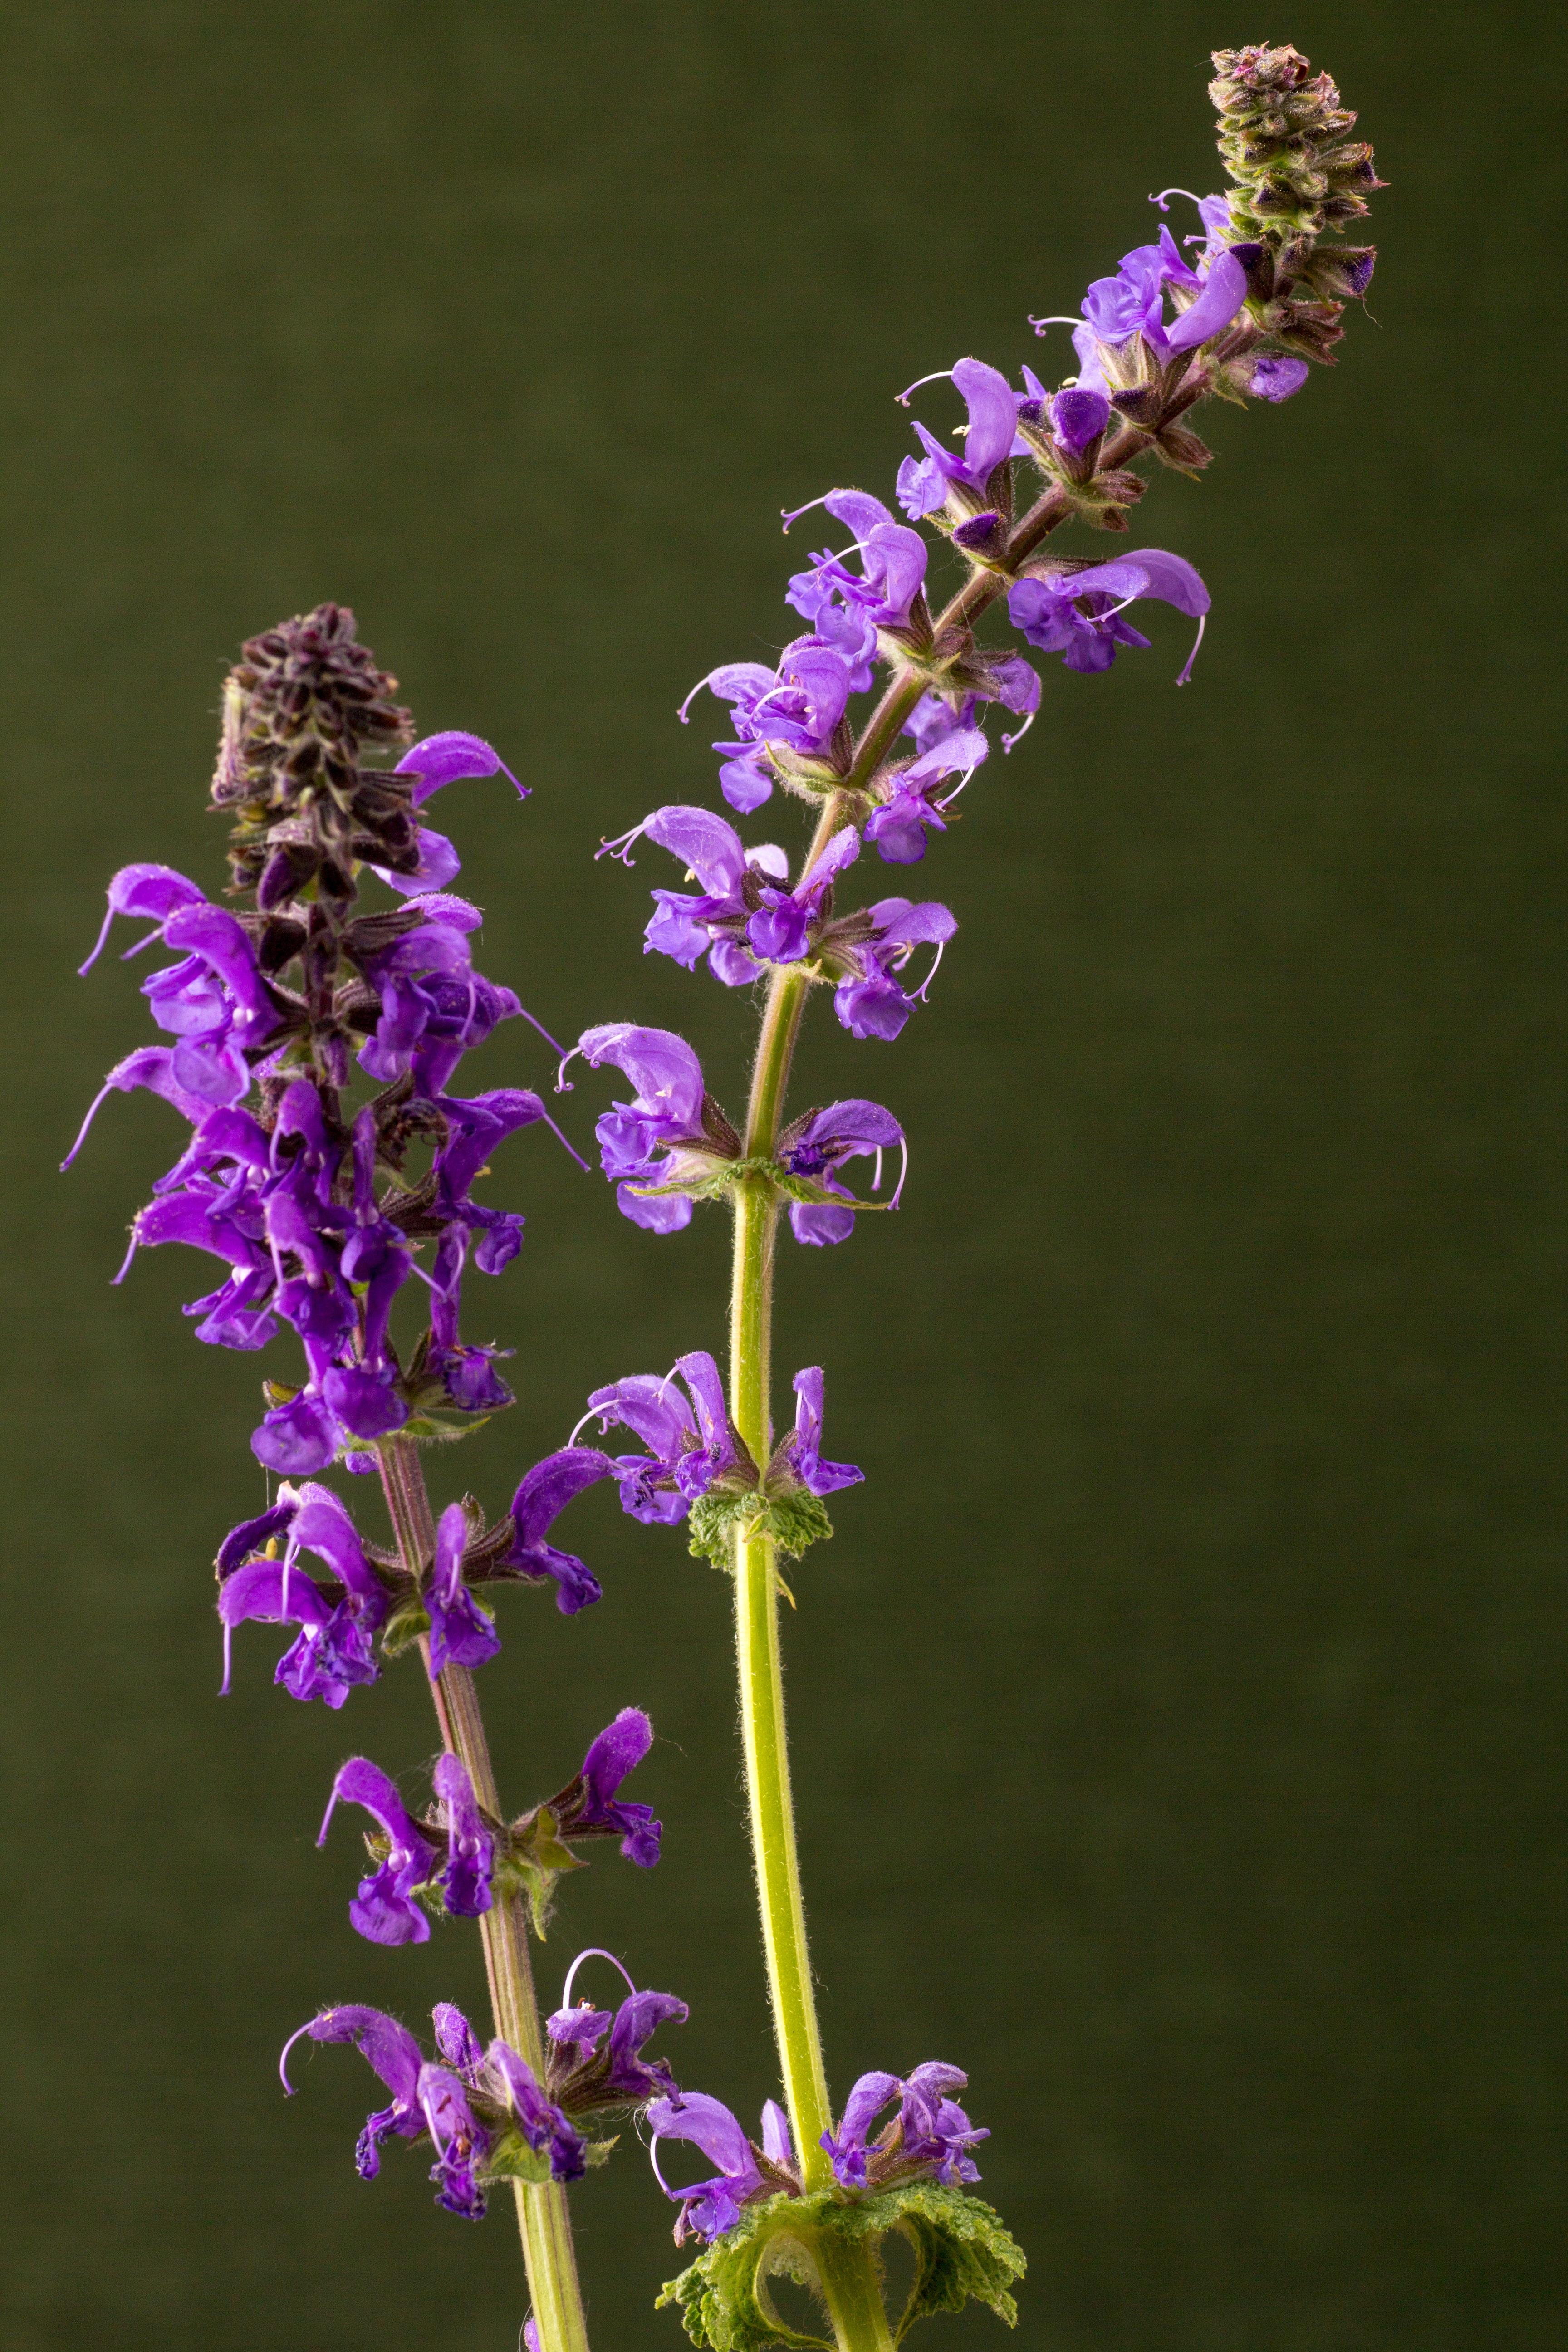 hình ảnh : thực vật, Cây cỏ, Thực vật học, Hệ thực vật, Hoa ...